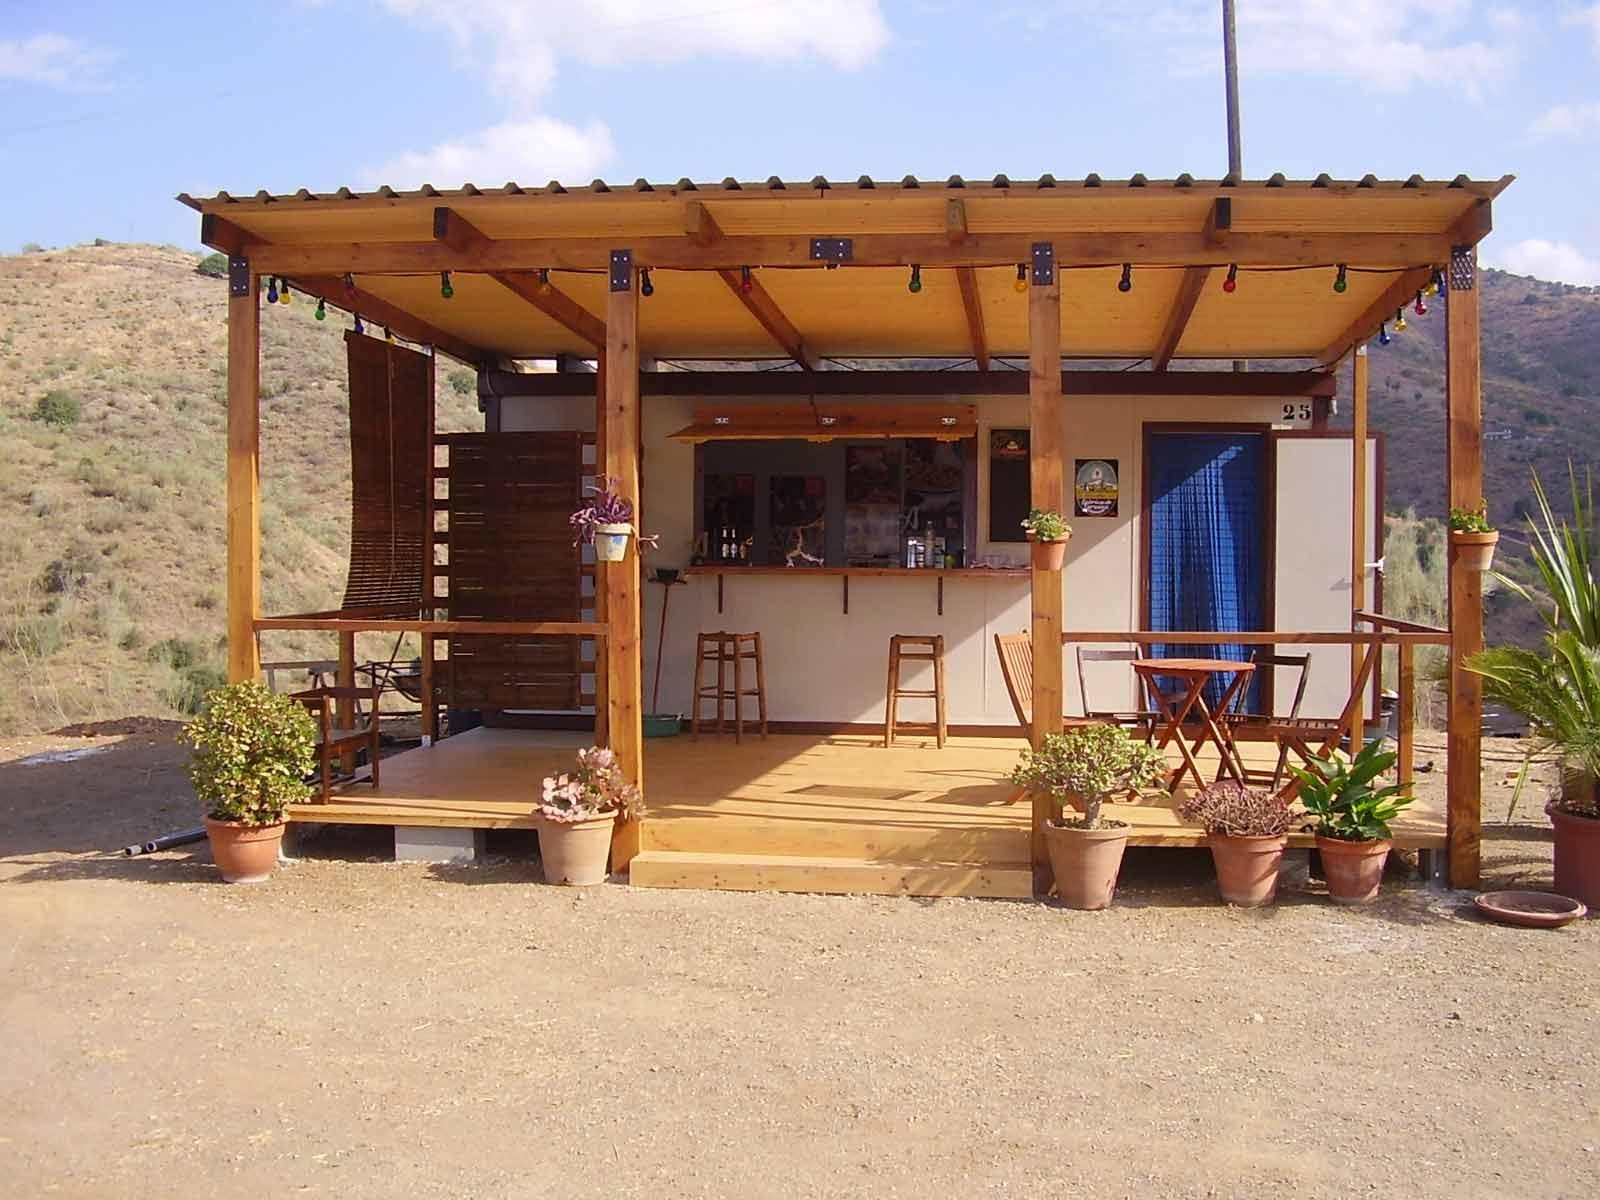 Finca fortuna casa rural terraza kiosco fortuna for Imagenes de kioscos de madera